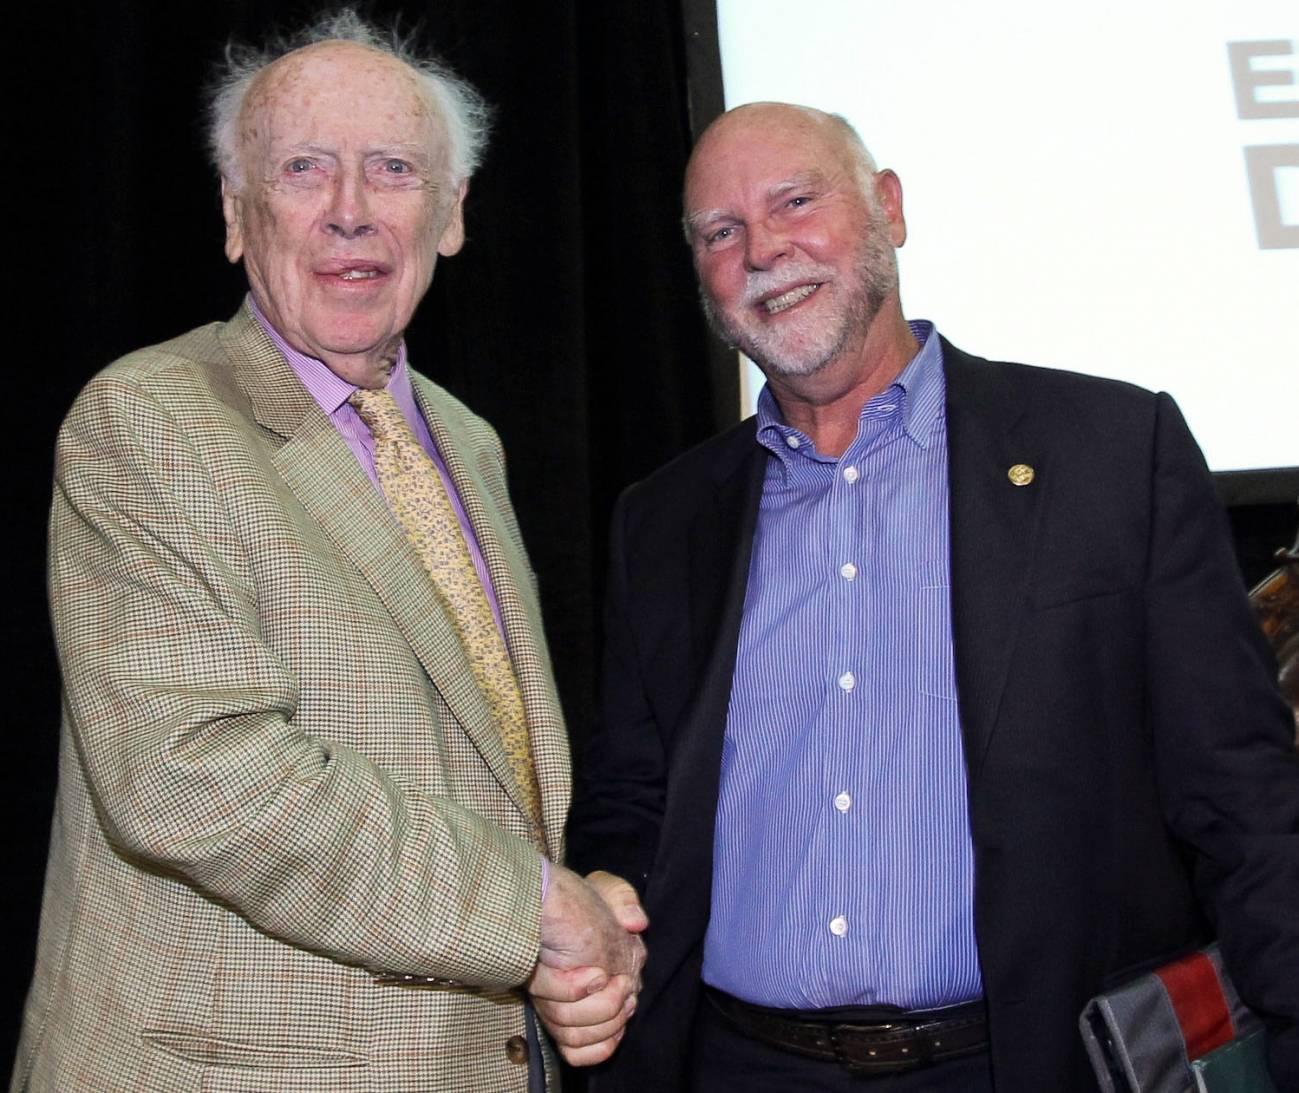 James Watson y Craig Venter se daban la mano ayer en el Trinity College de Dublín. Su relación de amor y odio aún continúa. Imagen: SINC